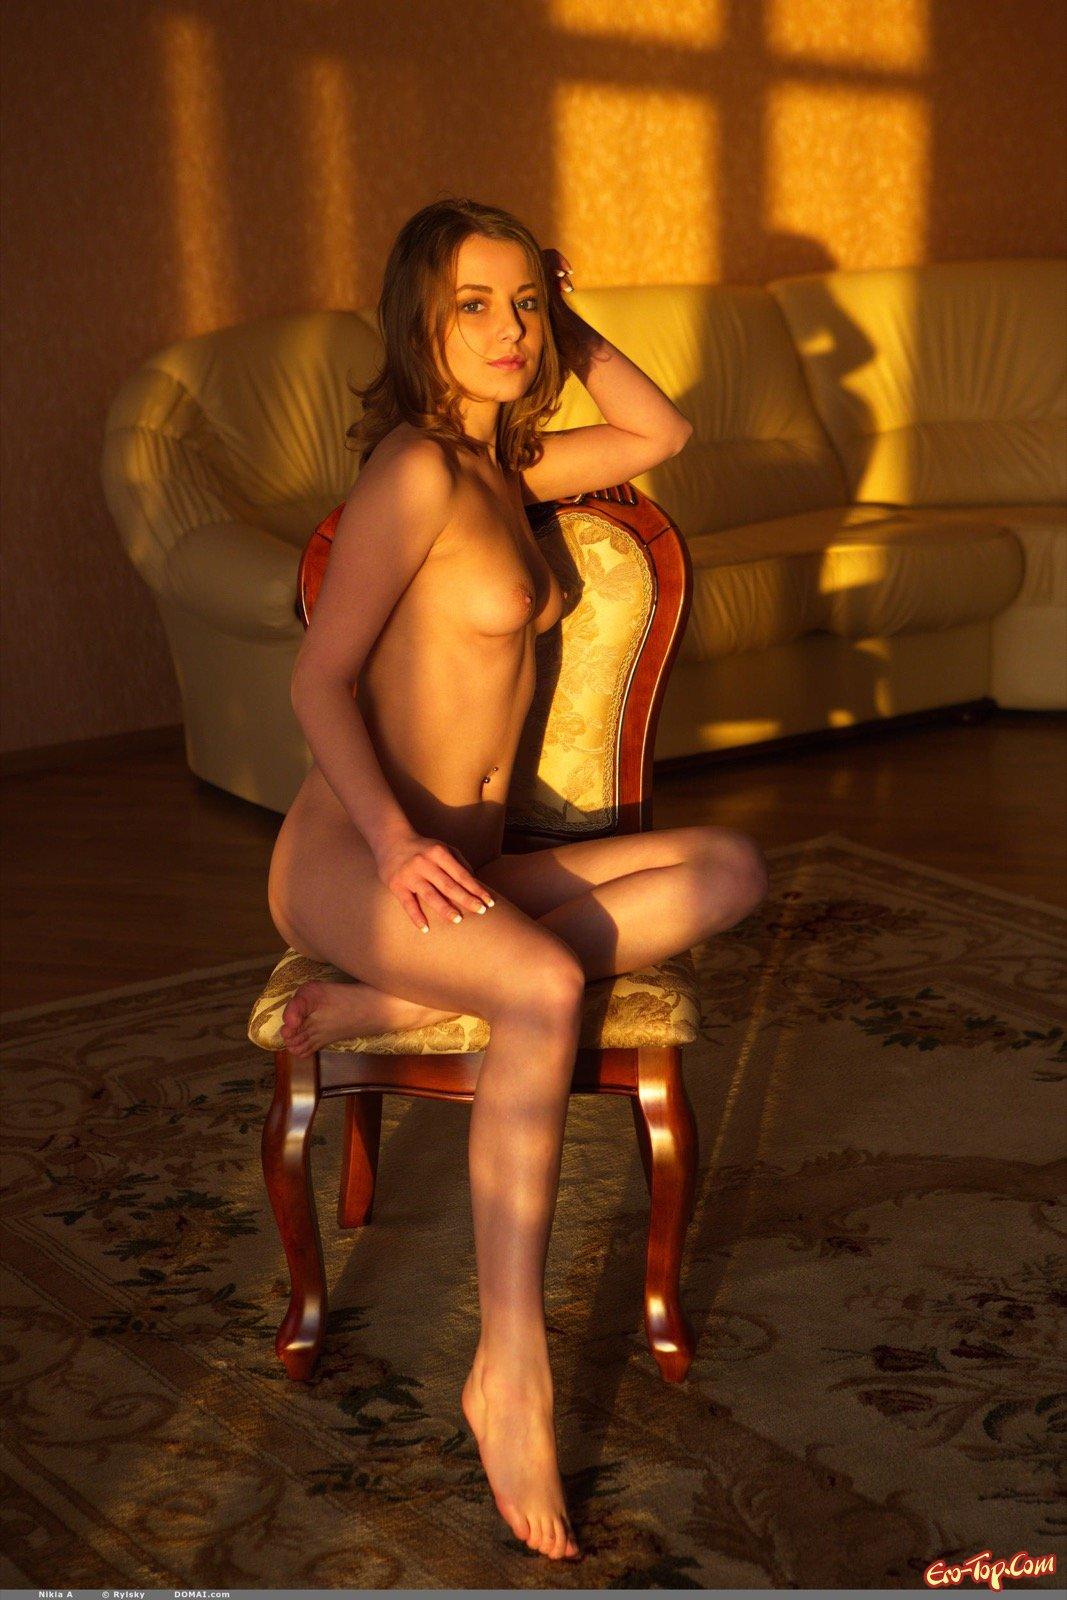 Брюнеточка с пирсингом в пупке фотографируется раздетой на стуле